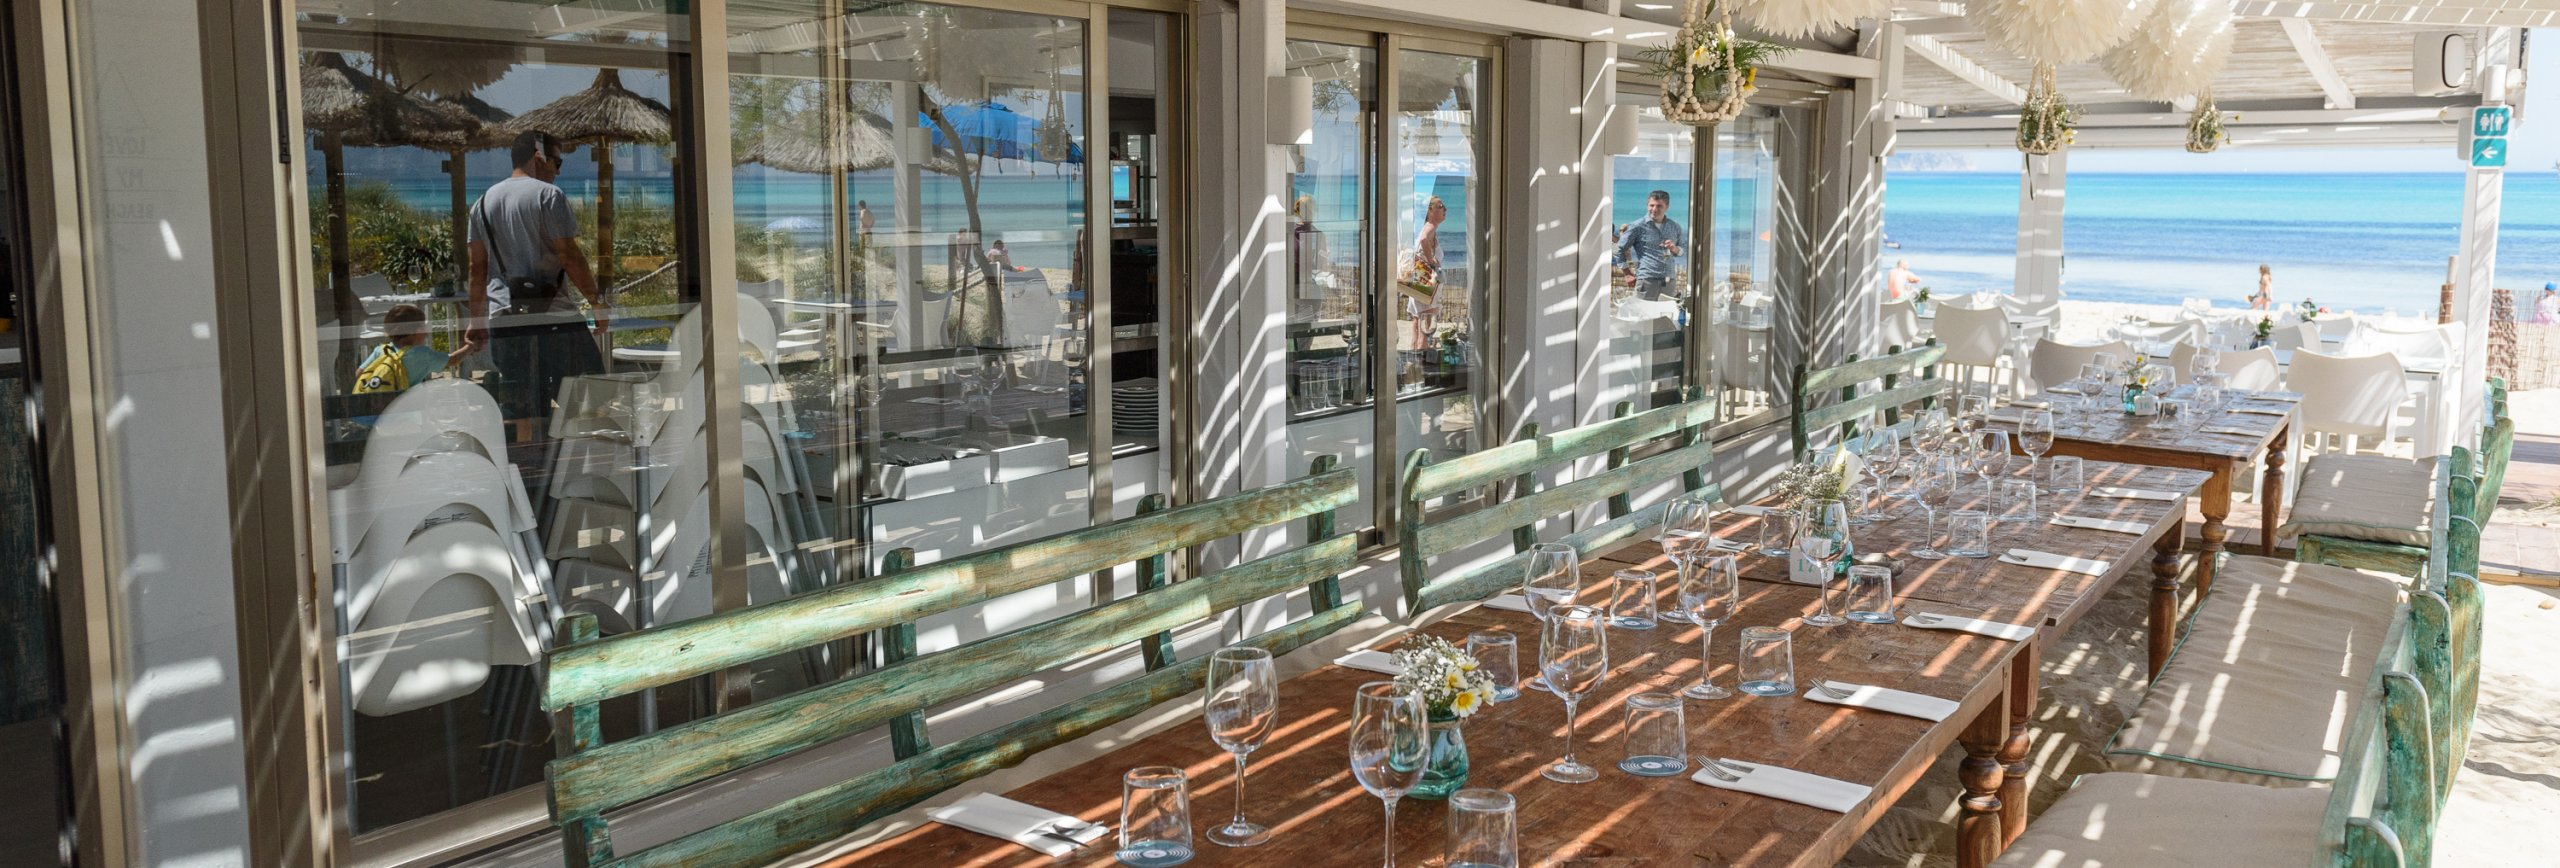 Kann ich in einem Beachclub auf Mallorca heiraten?